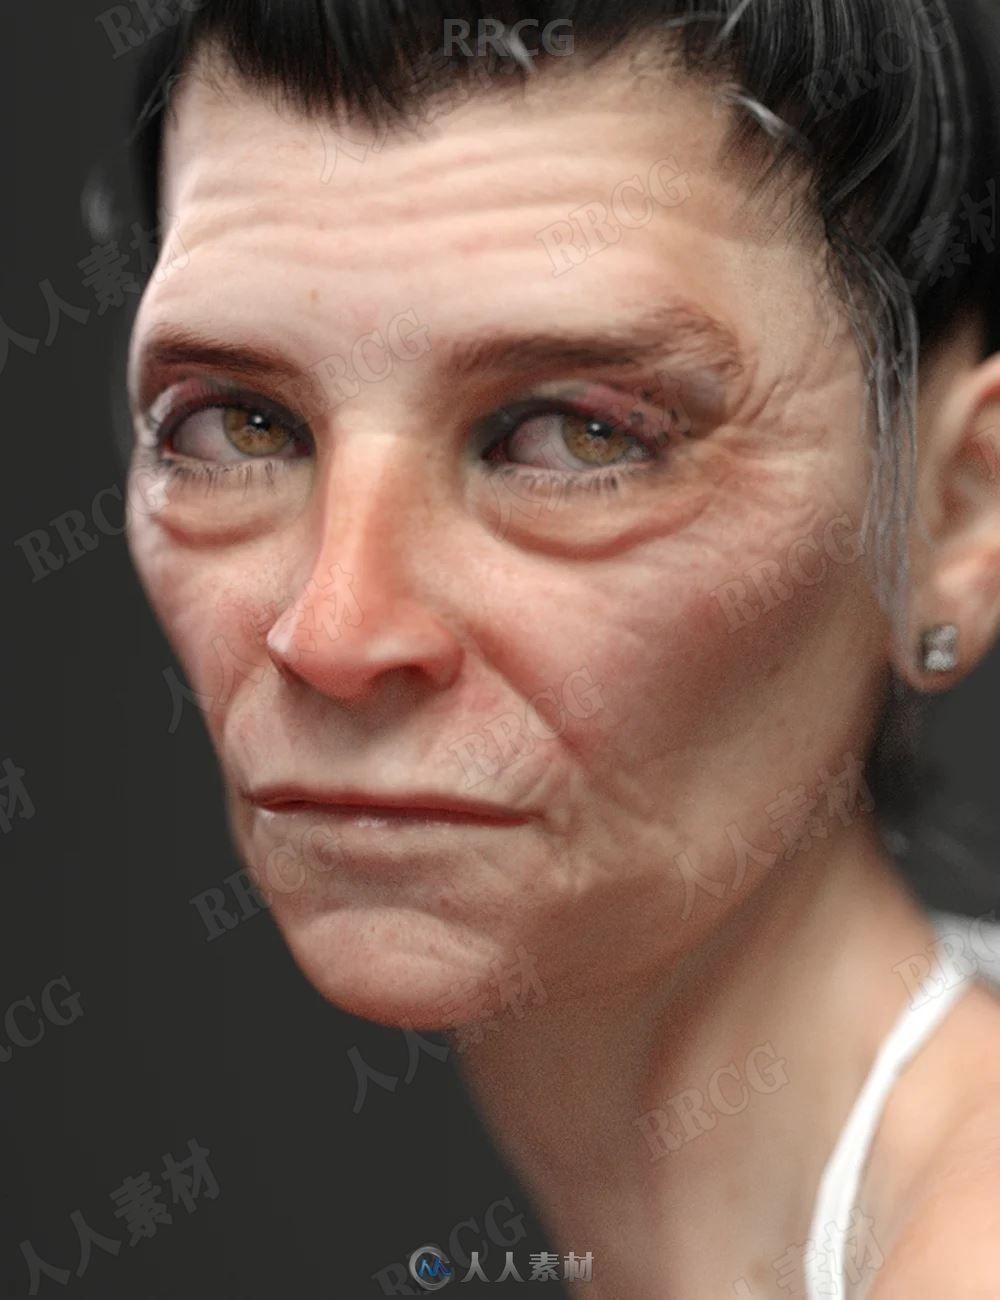 真实皱纹皮肤夸张邪恶妆容老年女性3D模型合集